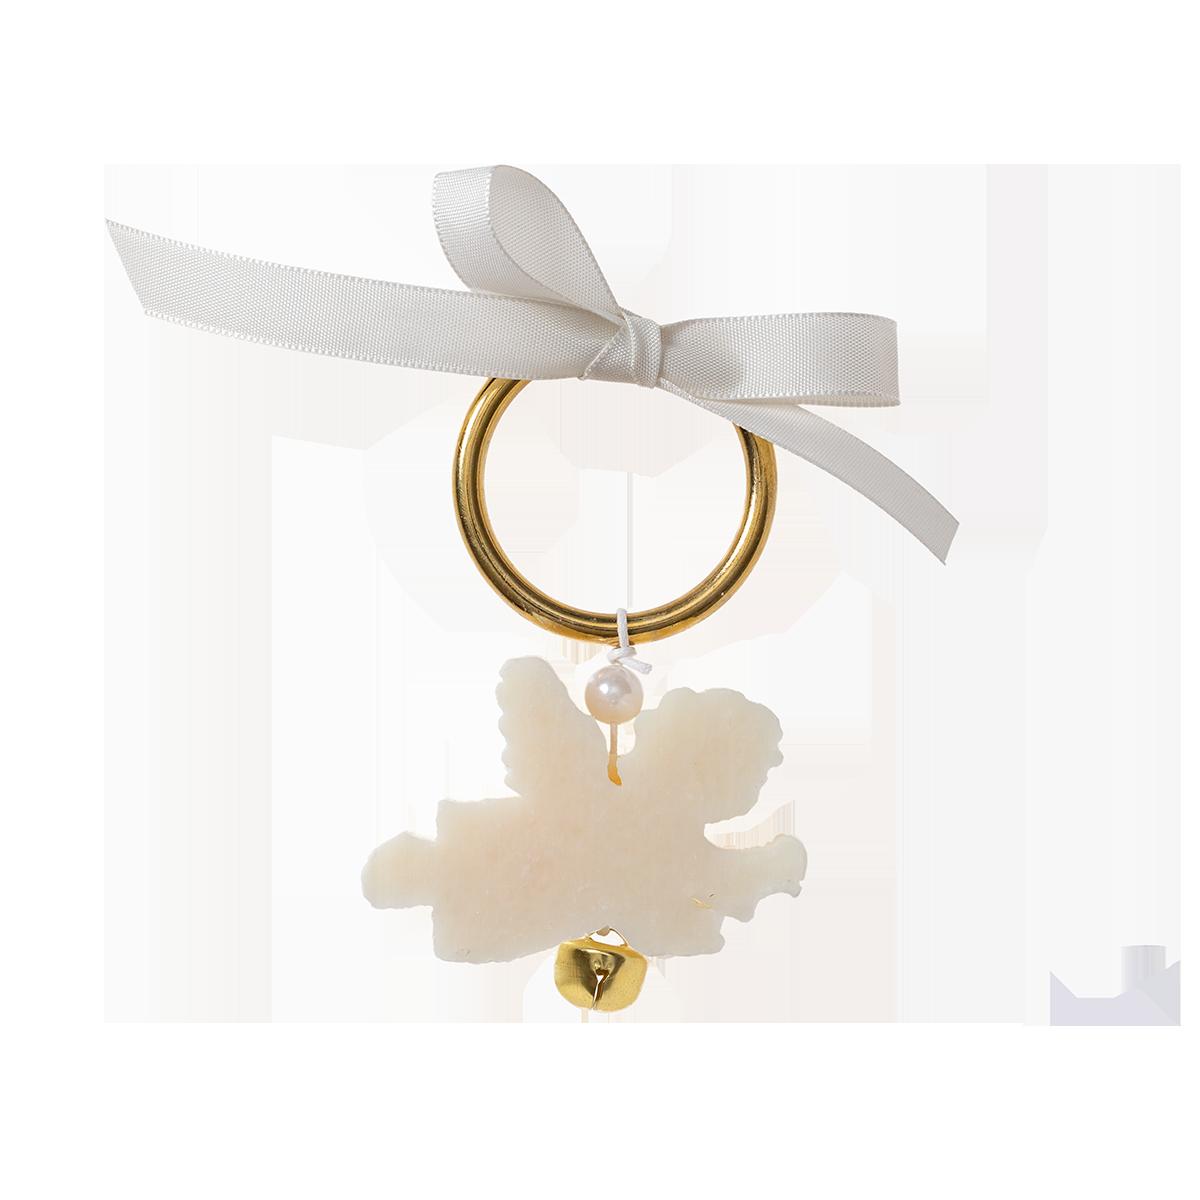 Ghirlanda-angelo-custode